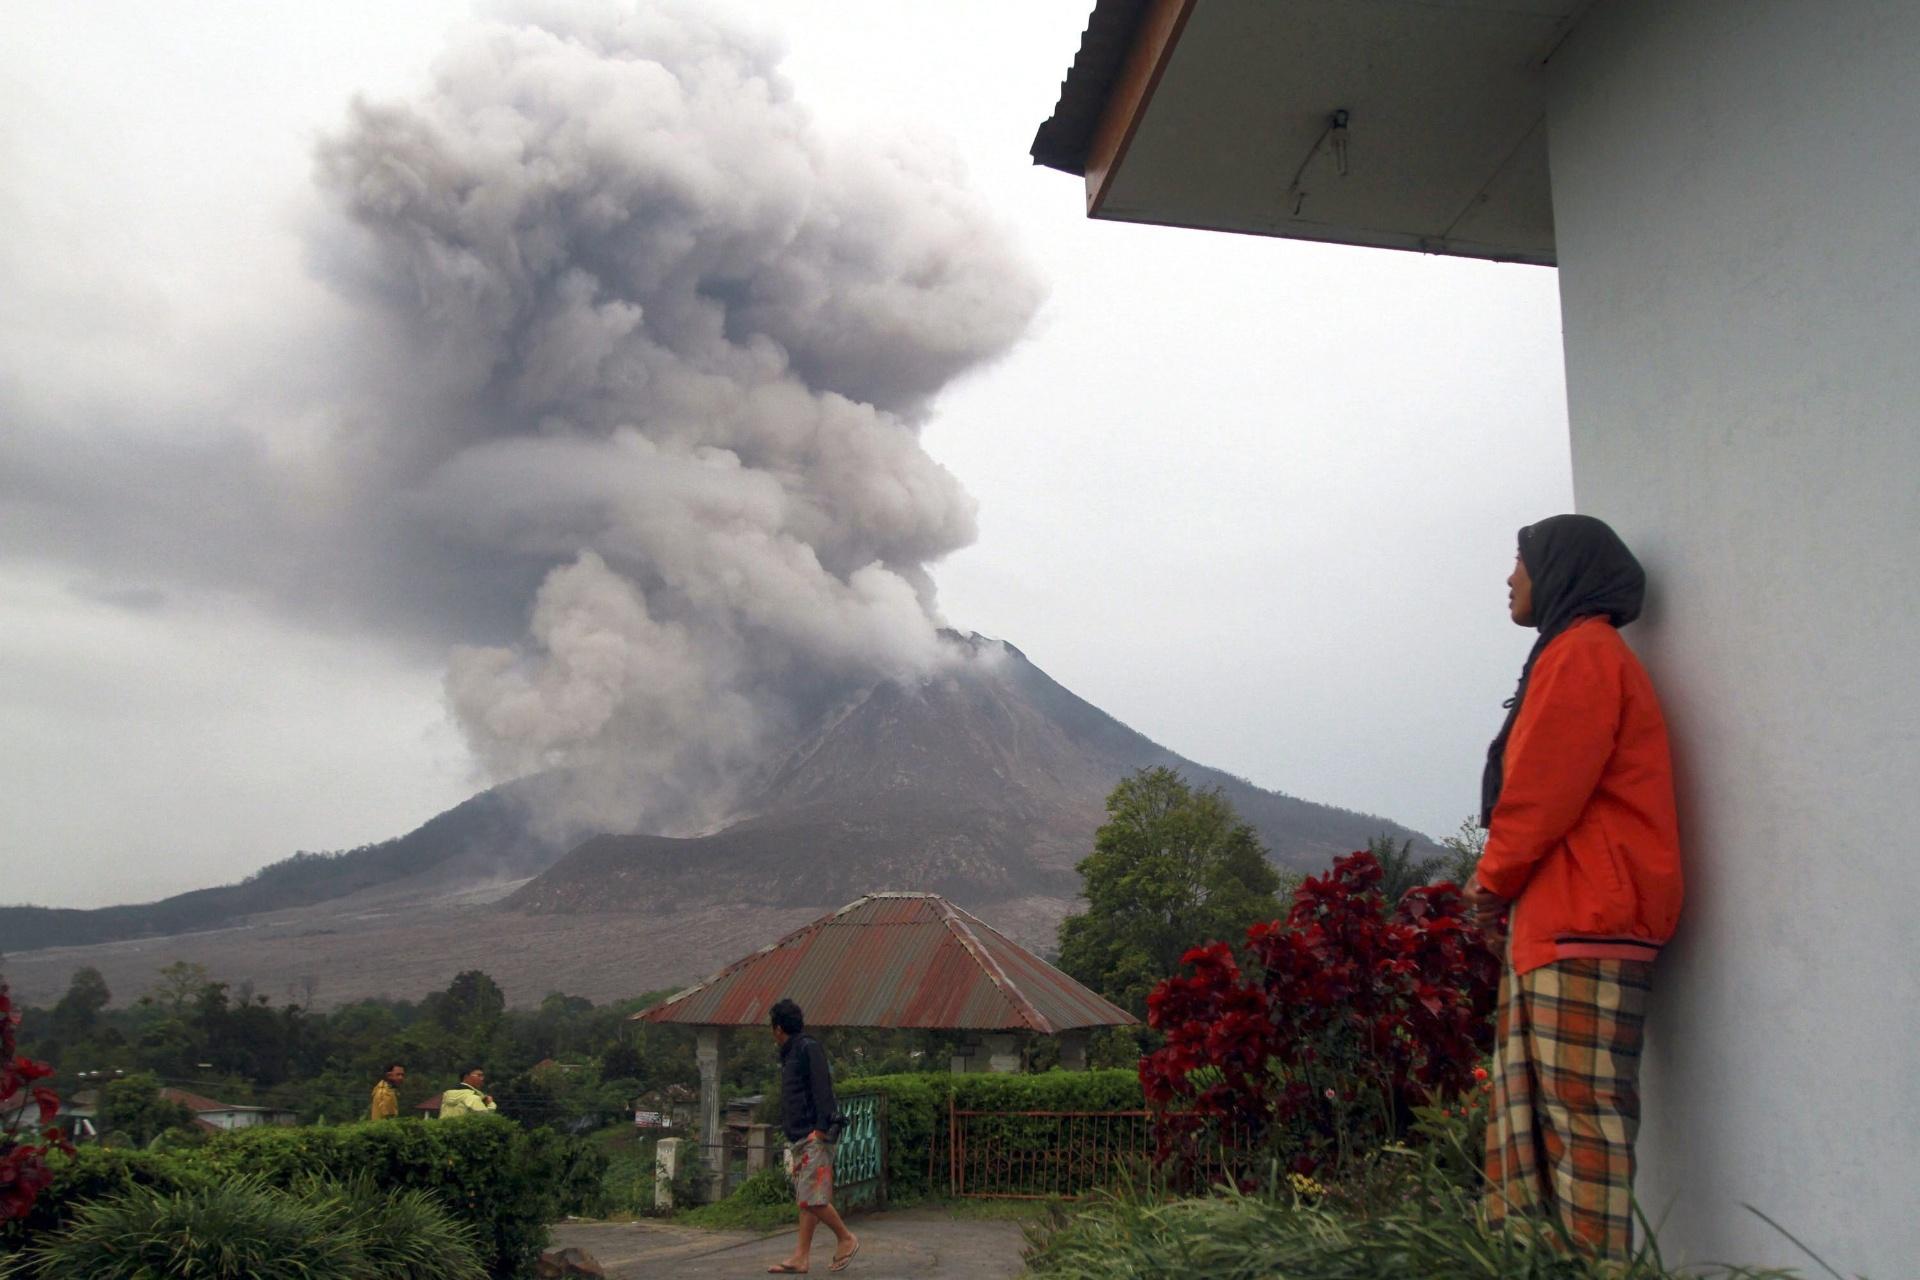 18.out.2014 - Mulher muçulmana observa erupção do monte Sinabung na vila de Tiga Pancur Village, Karo, no norte de Sumatra, Indonésia